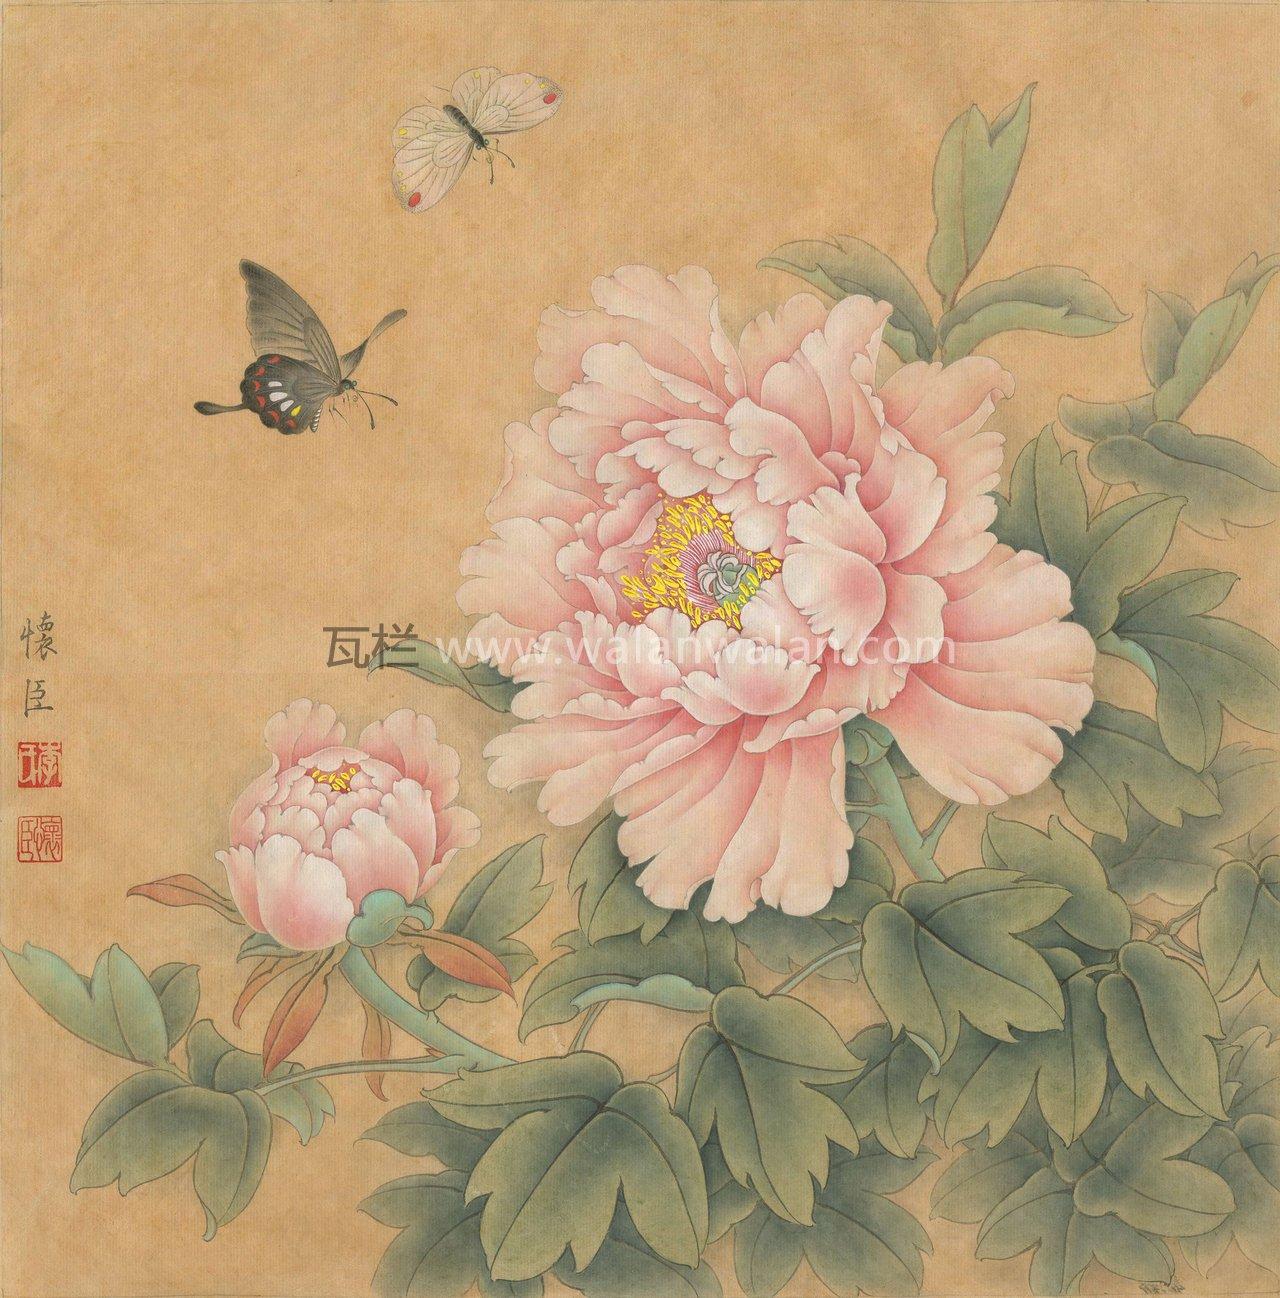 蝴蝶牡丹花工笔画分享展示